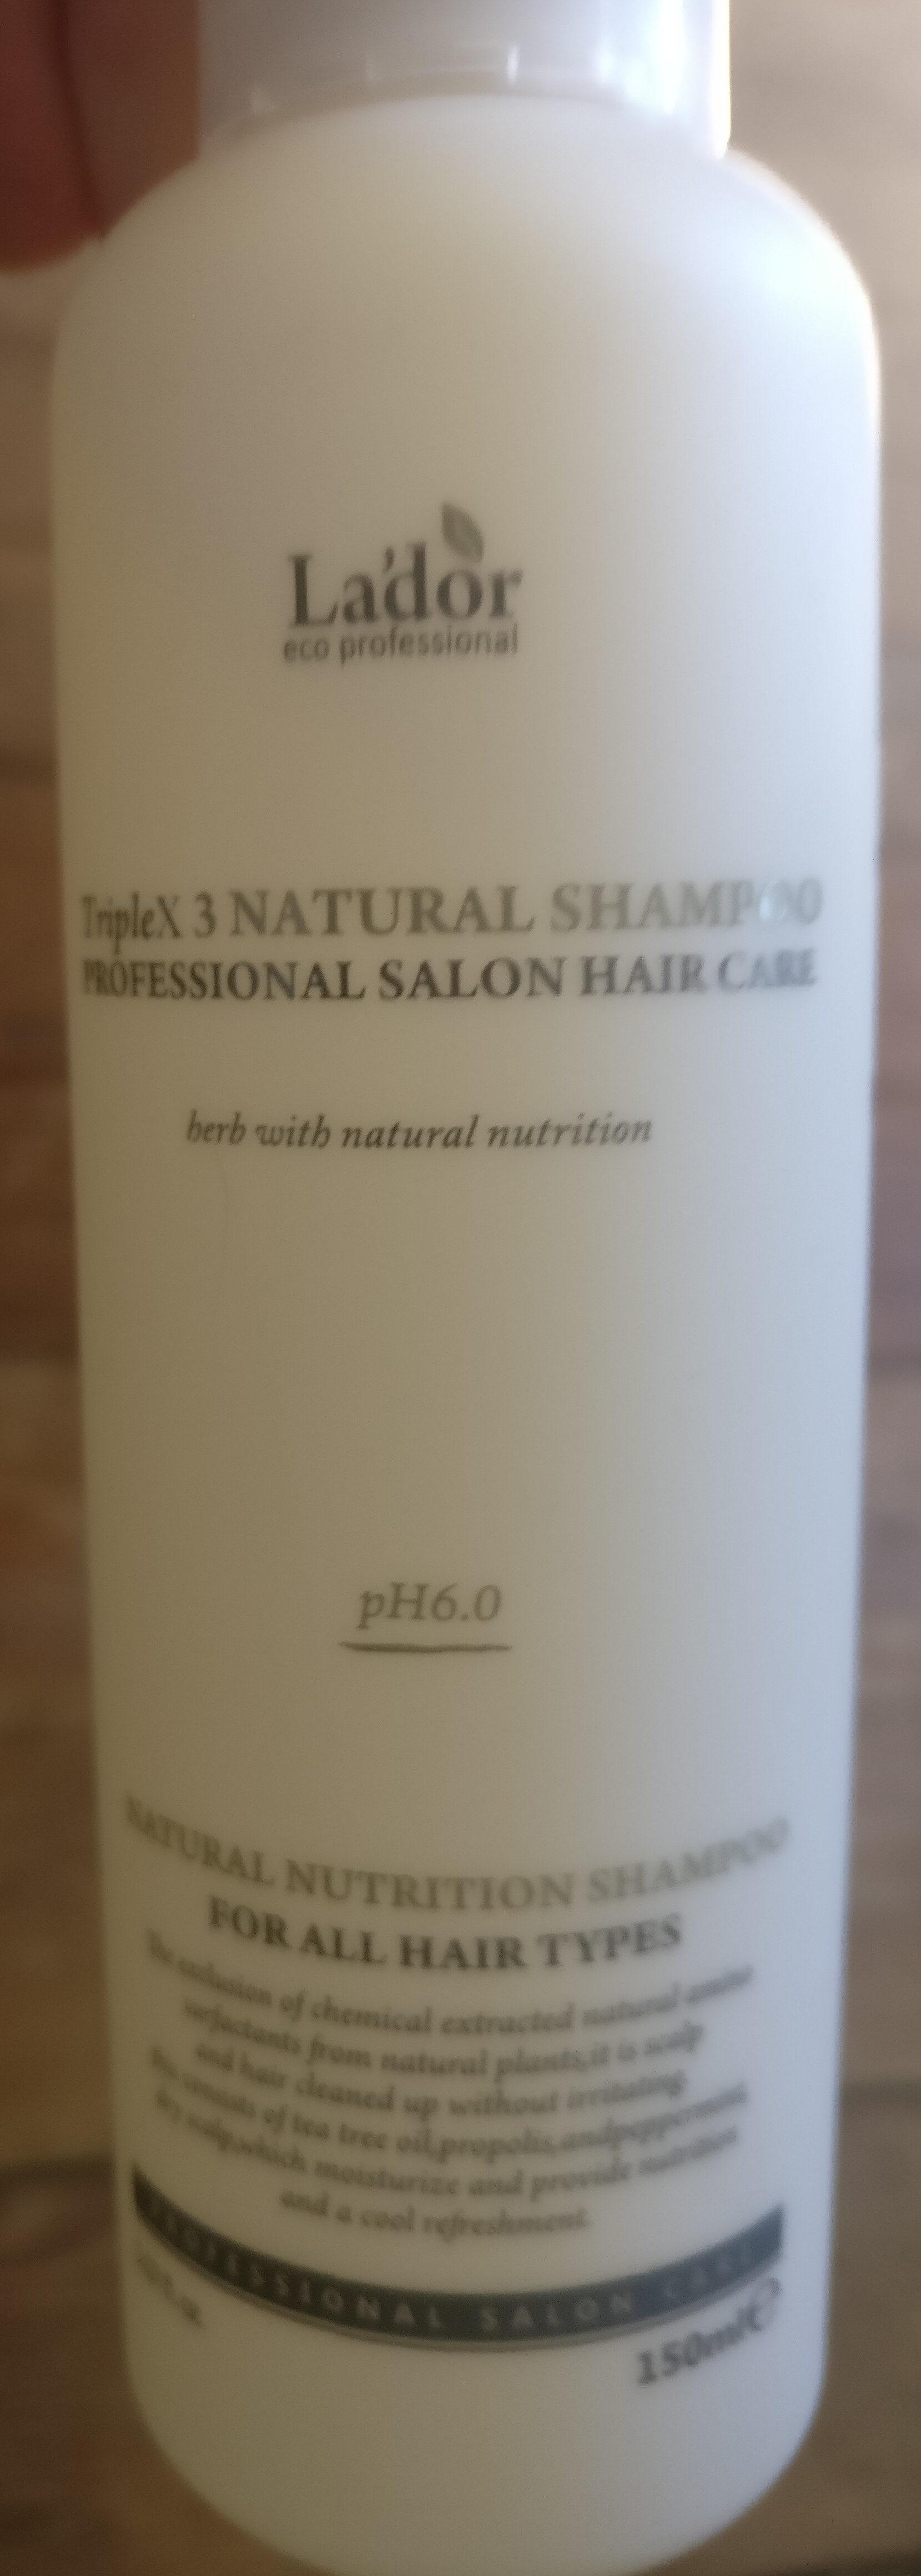 TripleX Natural Shampoo - Product - en